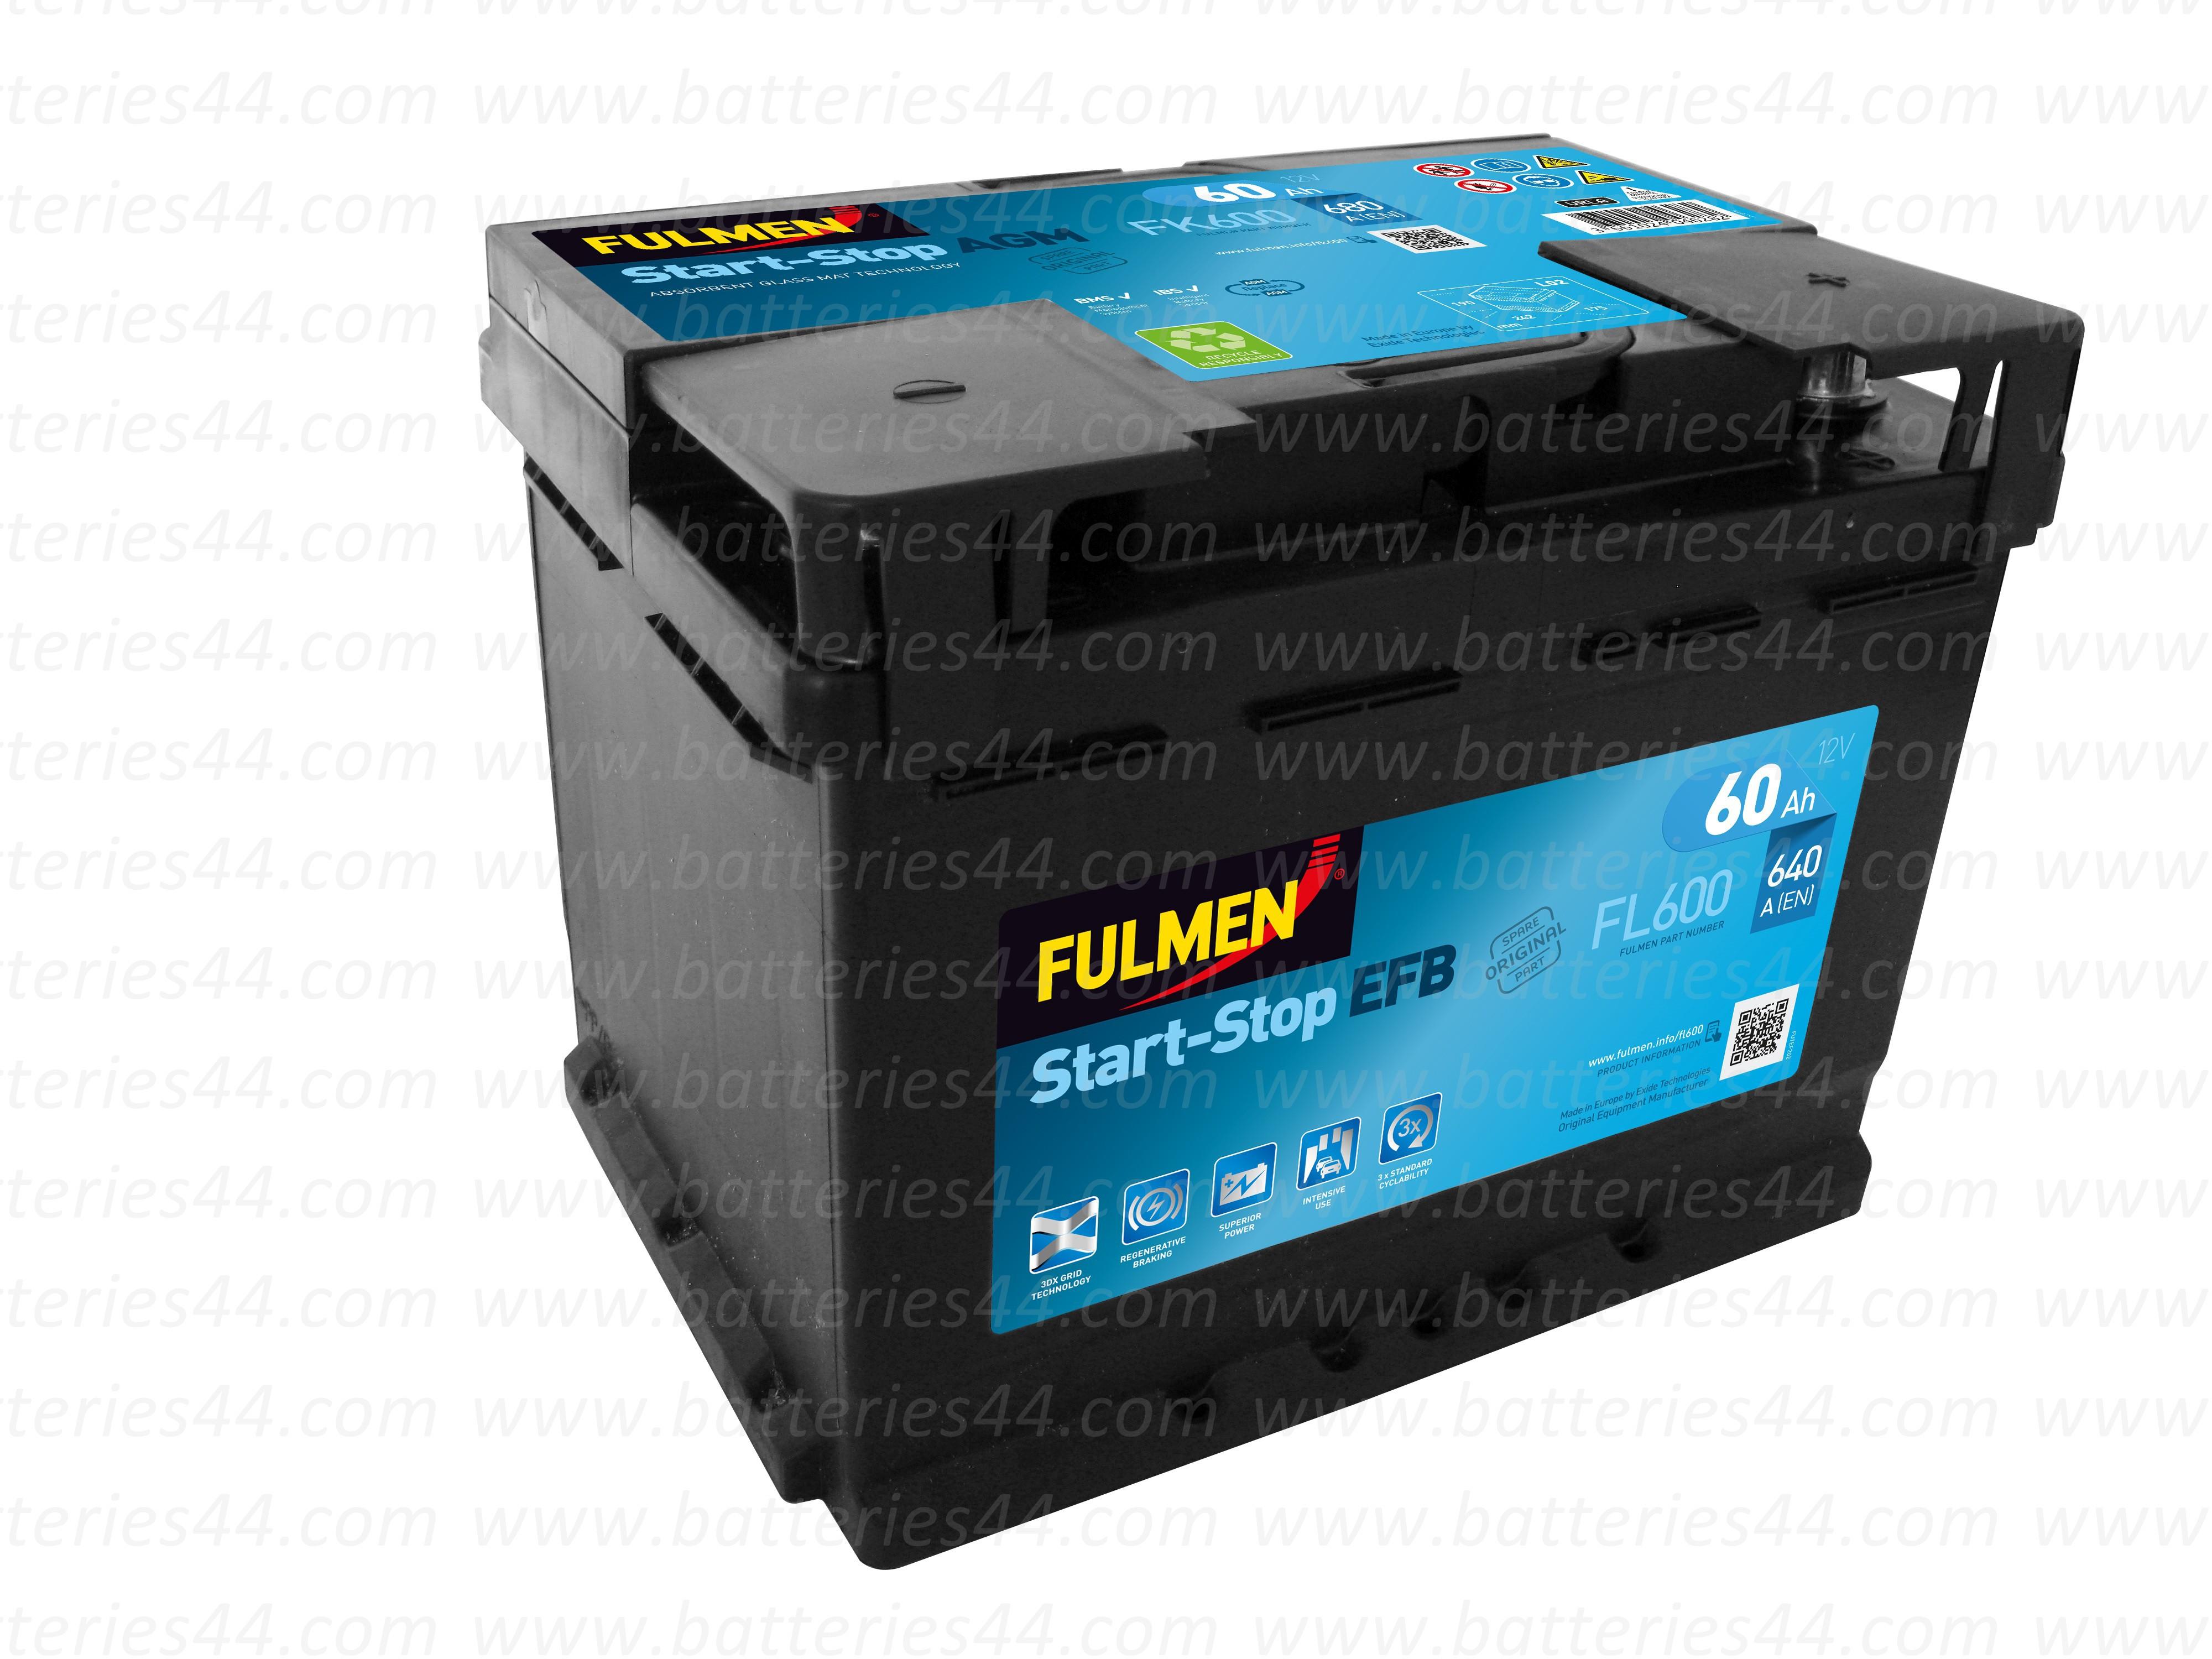 Batterie Fulmen Start & Stop EFB FL605 12V 60AH 520A